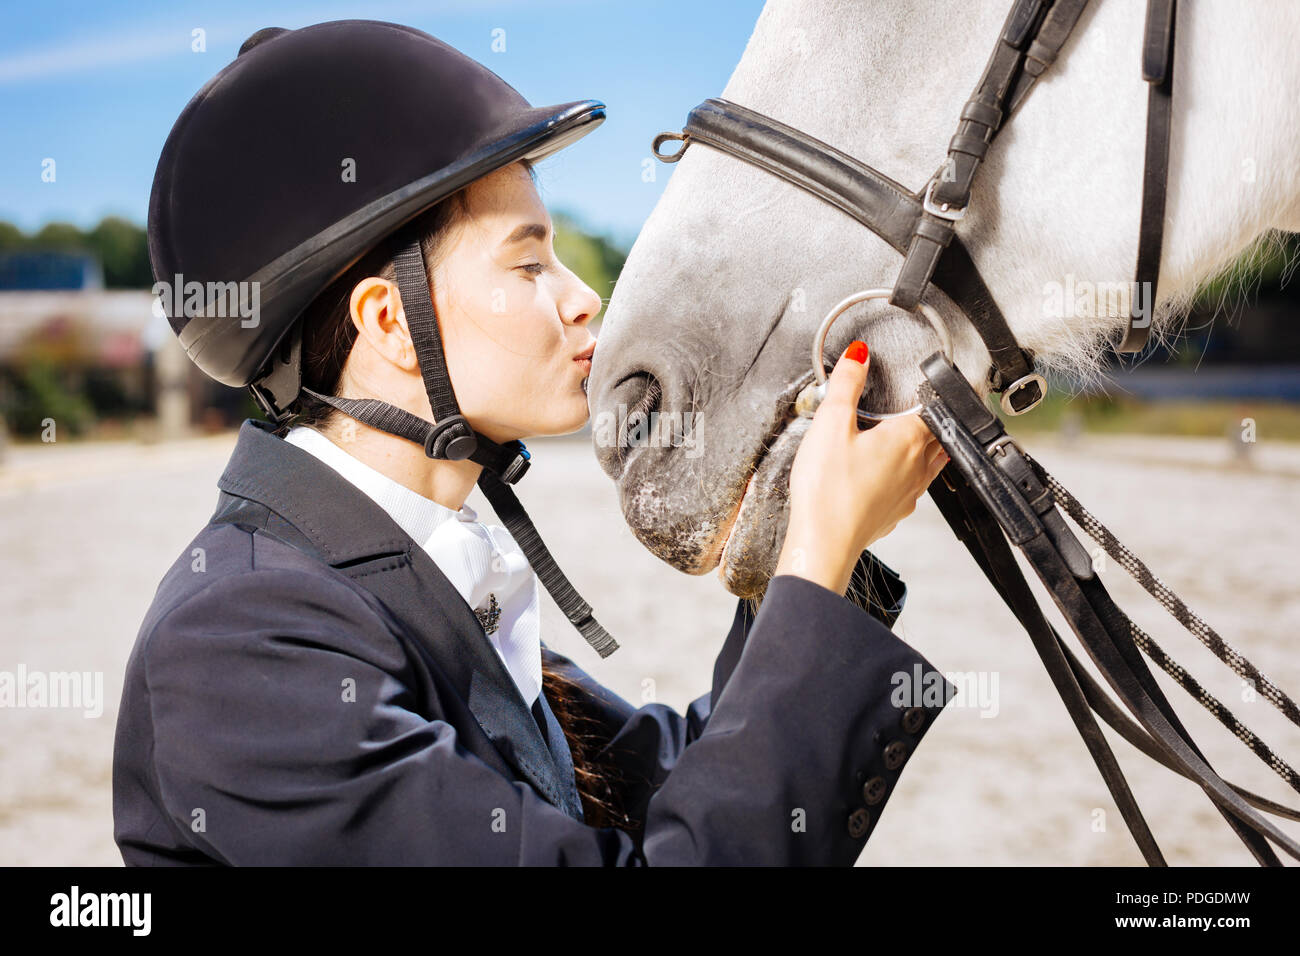 Lieben Reiterin mit rot Nail Art sie zu küssen White Horse Stockbild